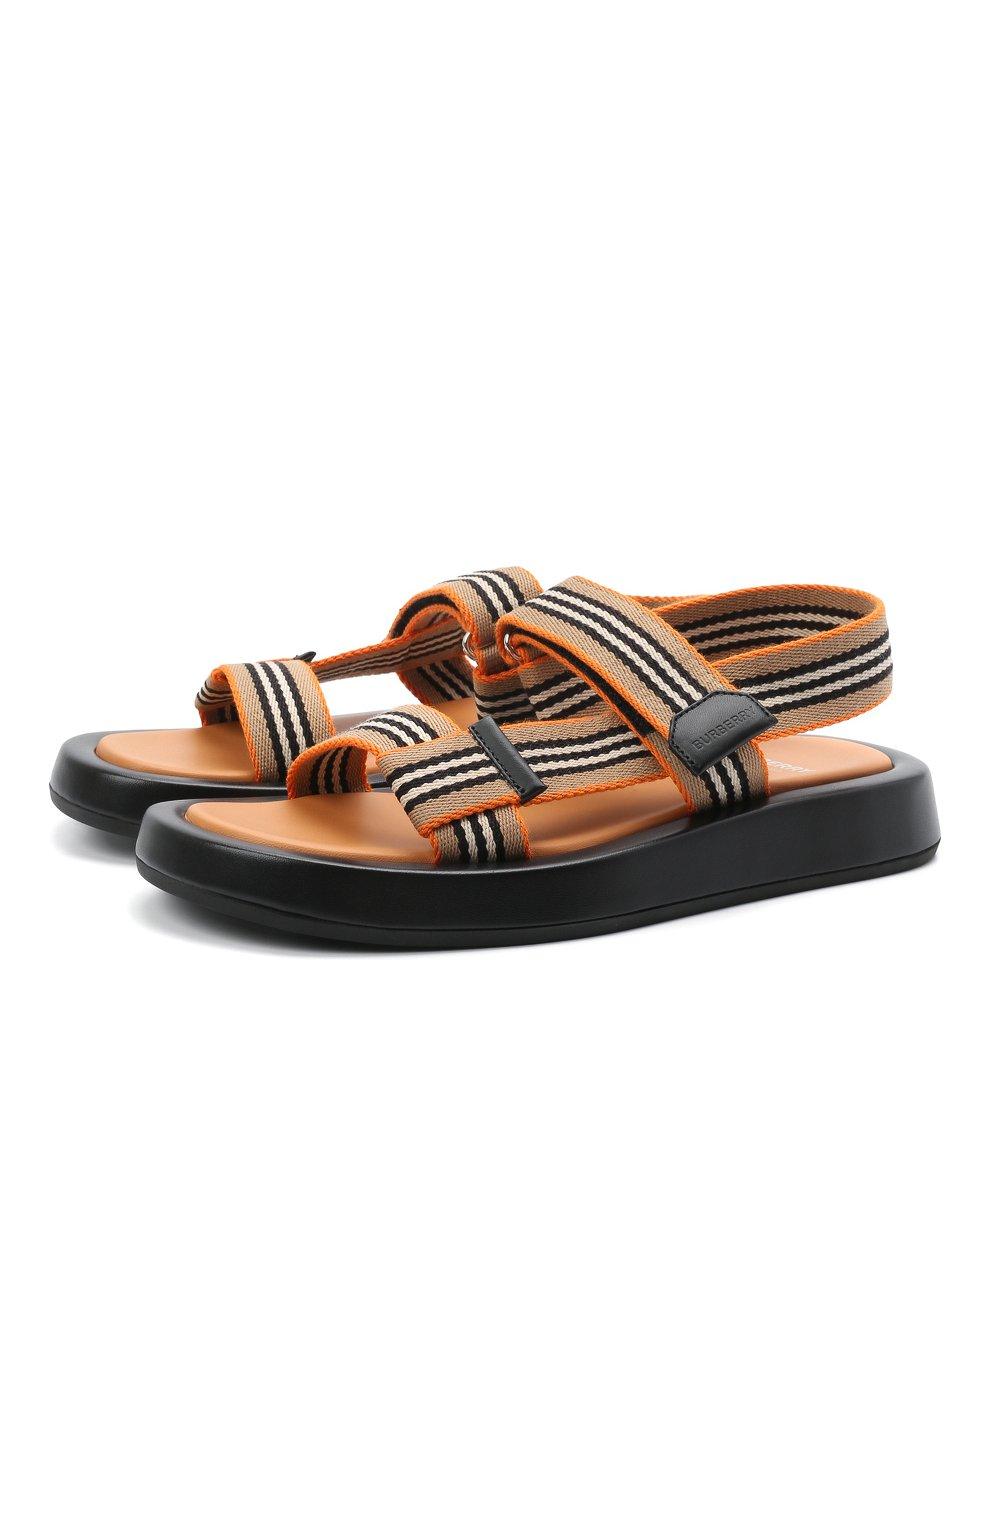 Женские комбинированные сандалии BURBERRY коричневого цвета, арт. 8040187   Фото 1 (Материал внешний: Текстиль; Подошва: Платформа; Материал внутренний: Натуральная кожа)